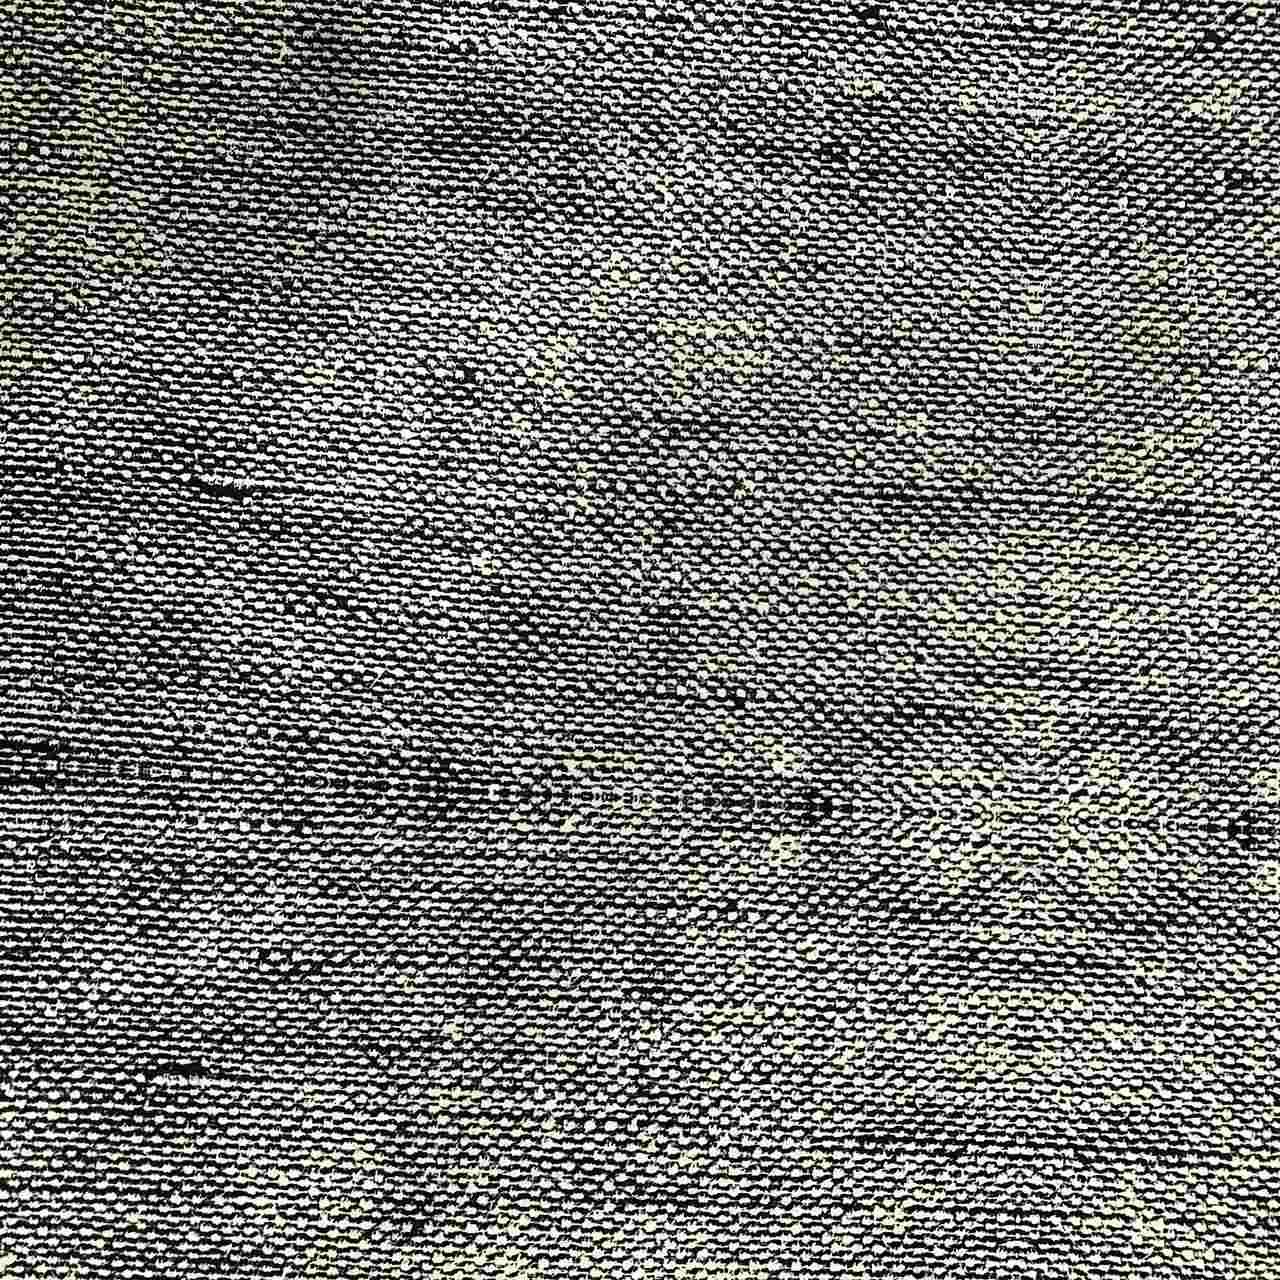 Tecido Malha Viscolycra  95%Viscose 5%Elastano Estampa 45